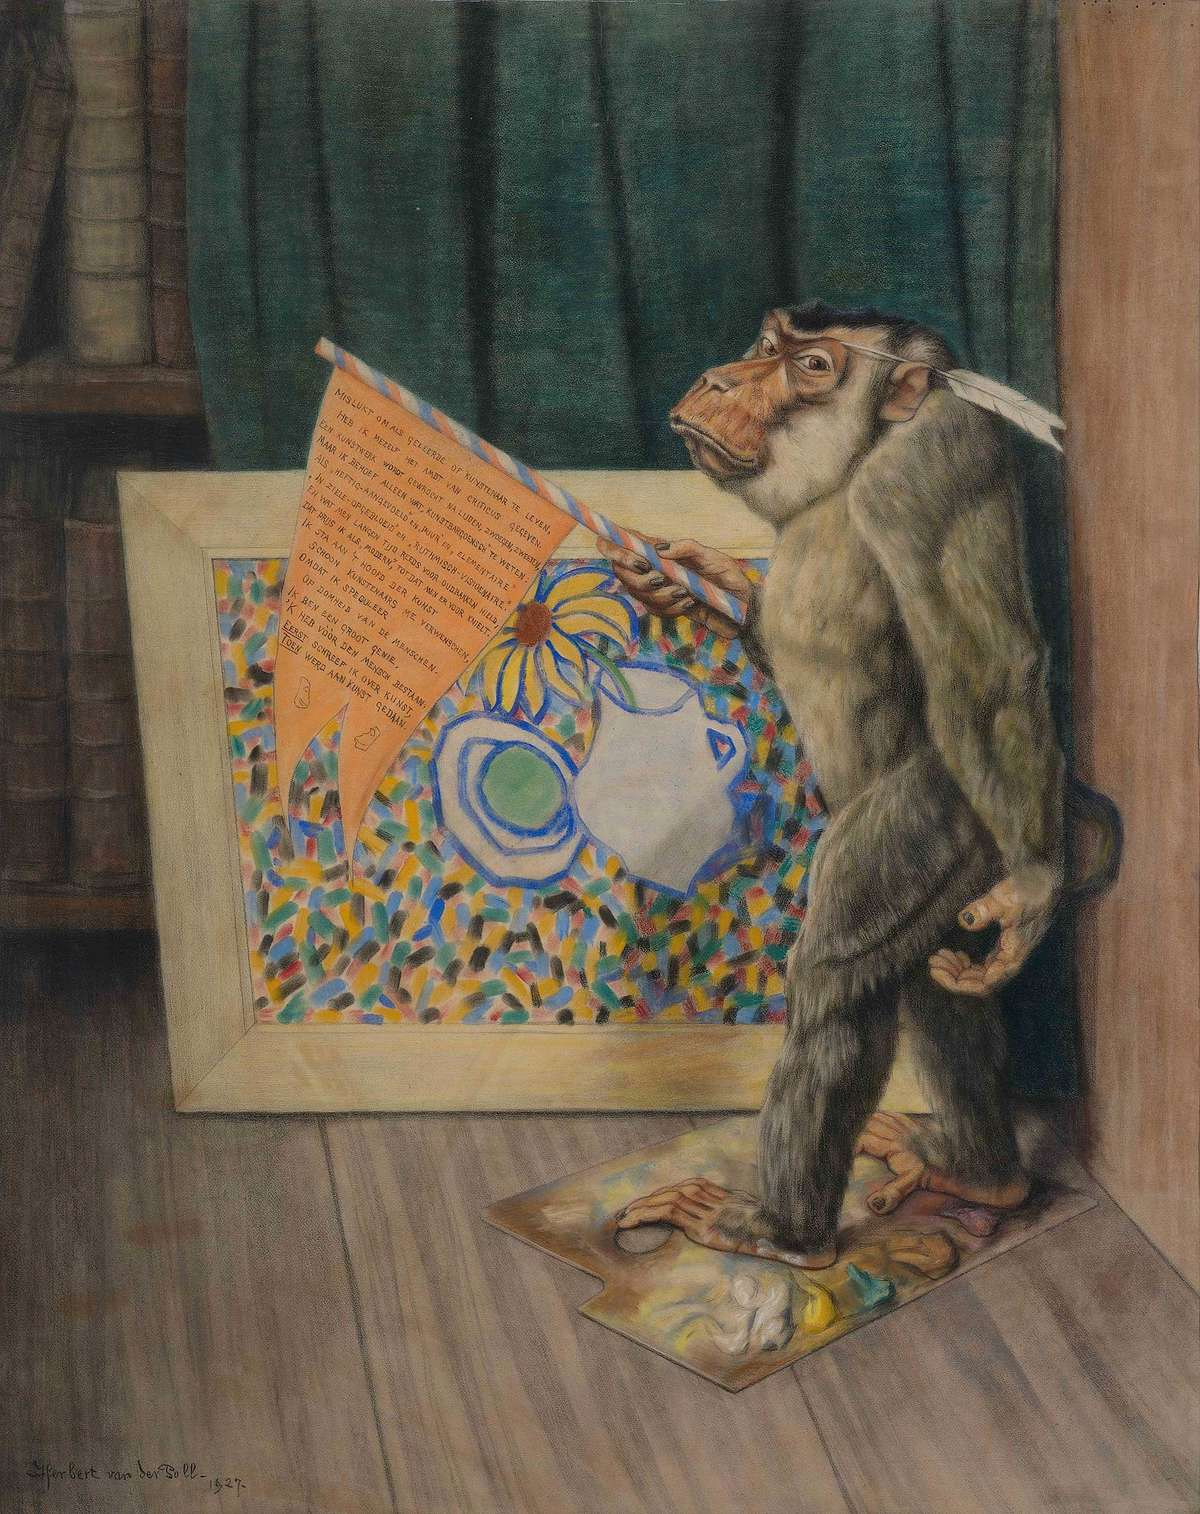 The Art Critic, by Daniël Herbert van der Poll (1877-1963), 1927